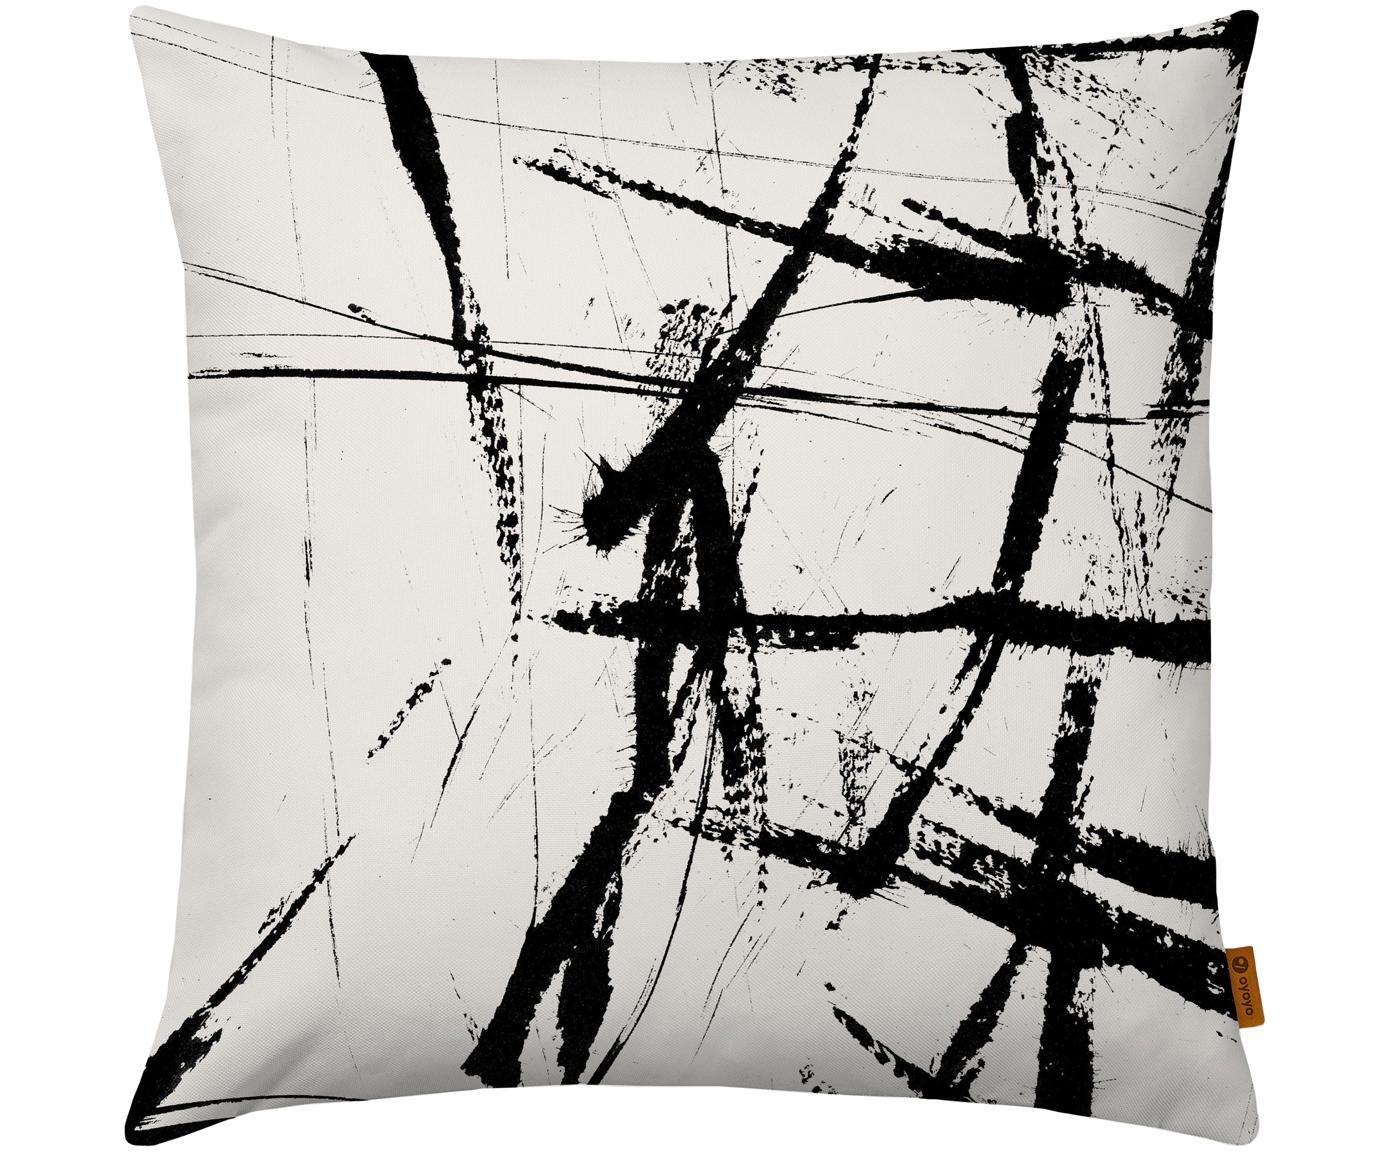 Kussenhoes Neven met abstract print in zwart/wit, Polyester, Wit met zwarte vlekken, 40 x 40 cm